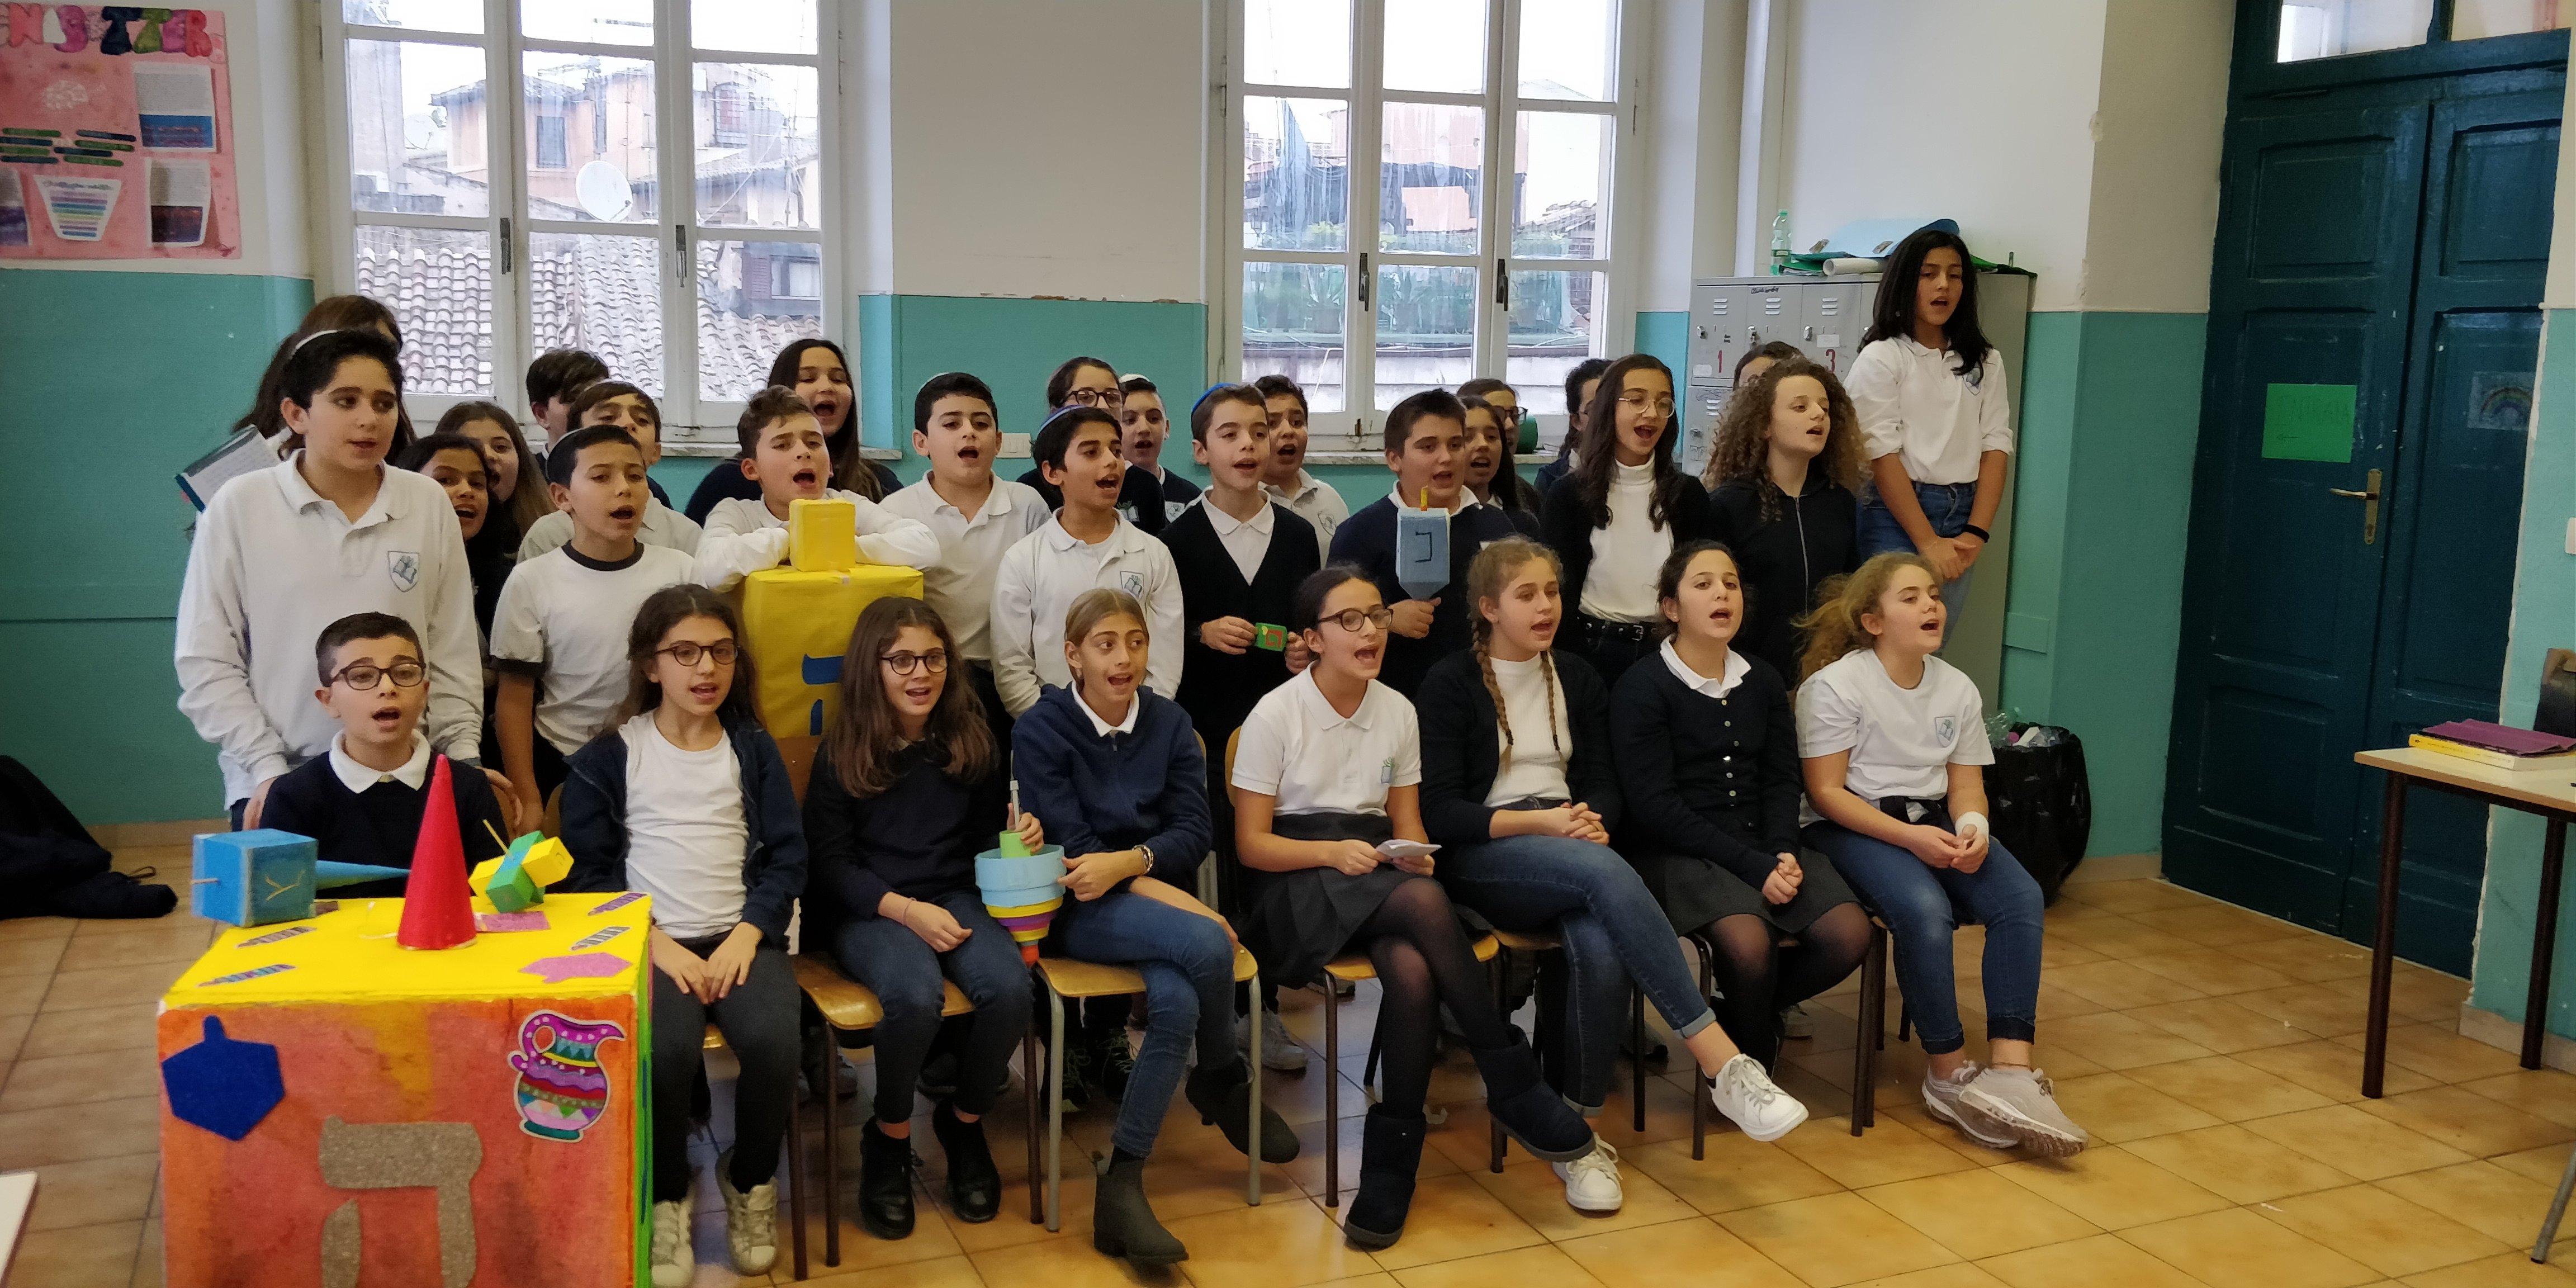 Foto di gruppo con Dreidel